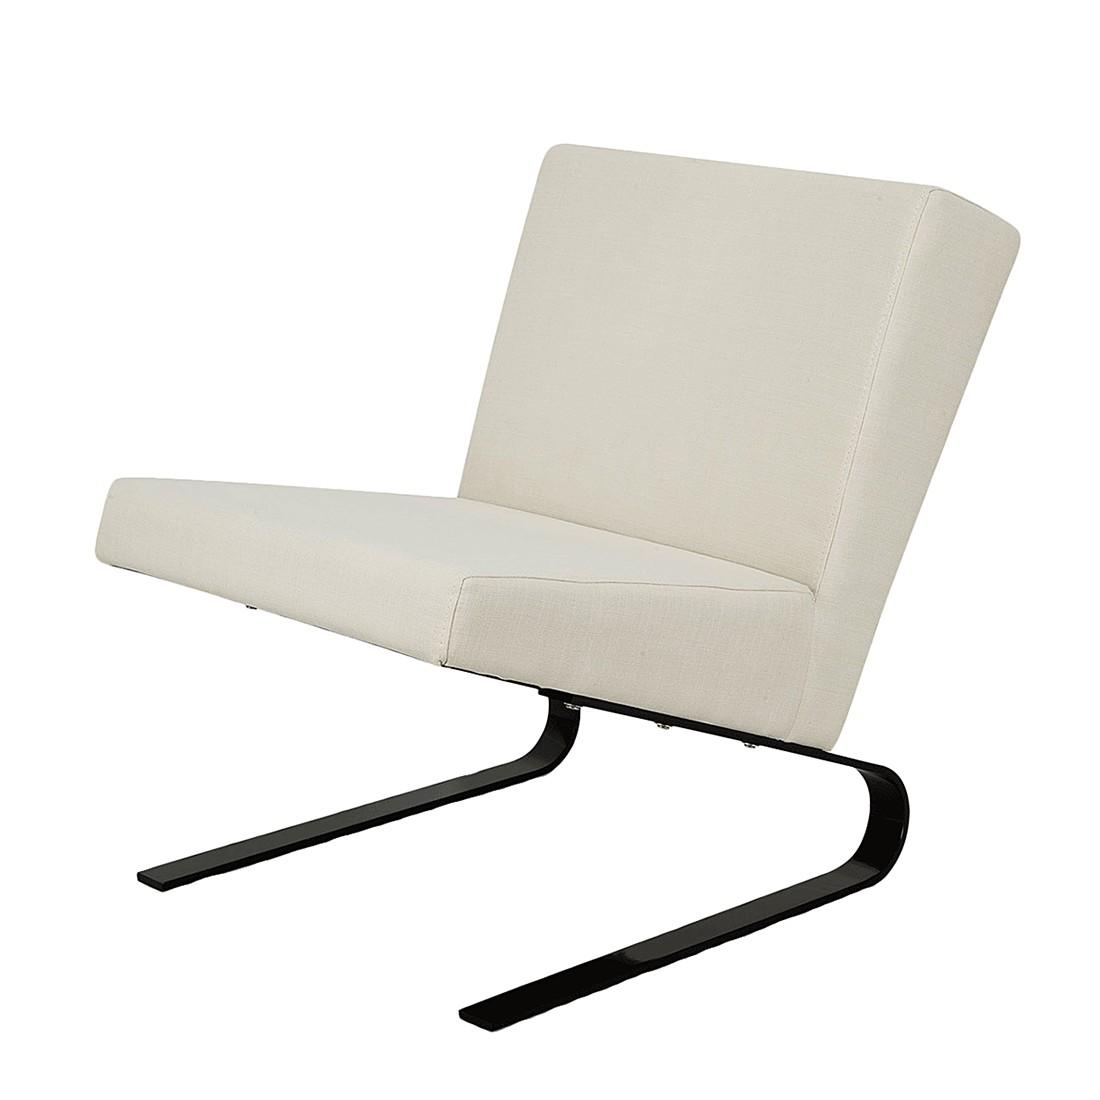 loungesessel lulear wei team 8 interior jetzt kaufen. Black Bedroom Furniture Sets. Home Design Ideas